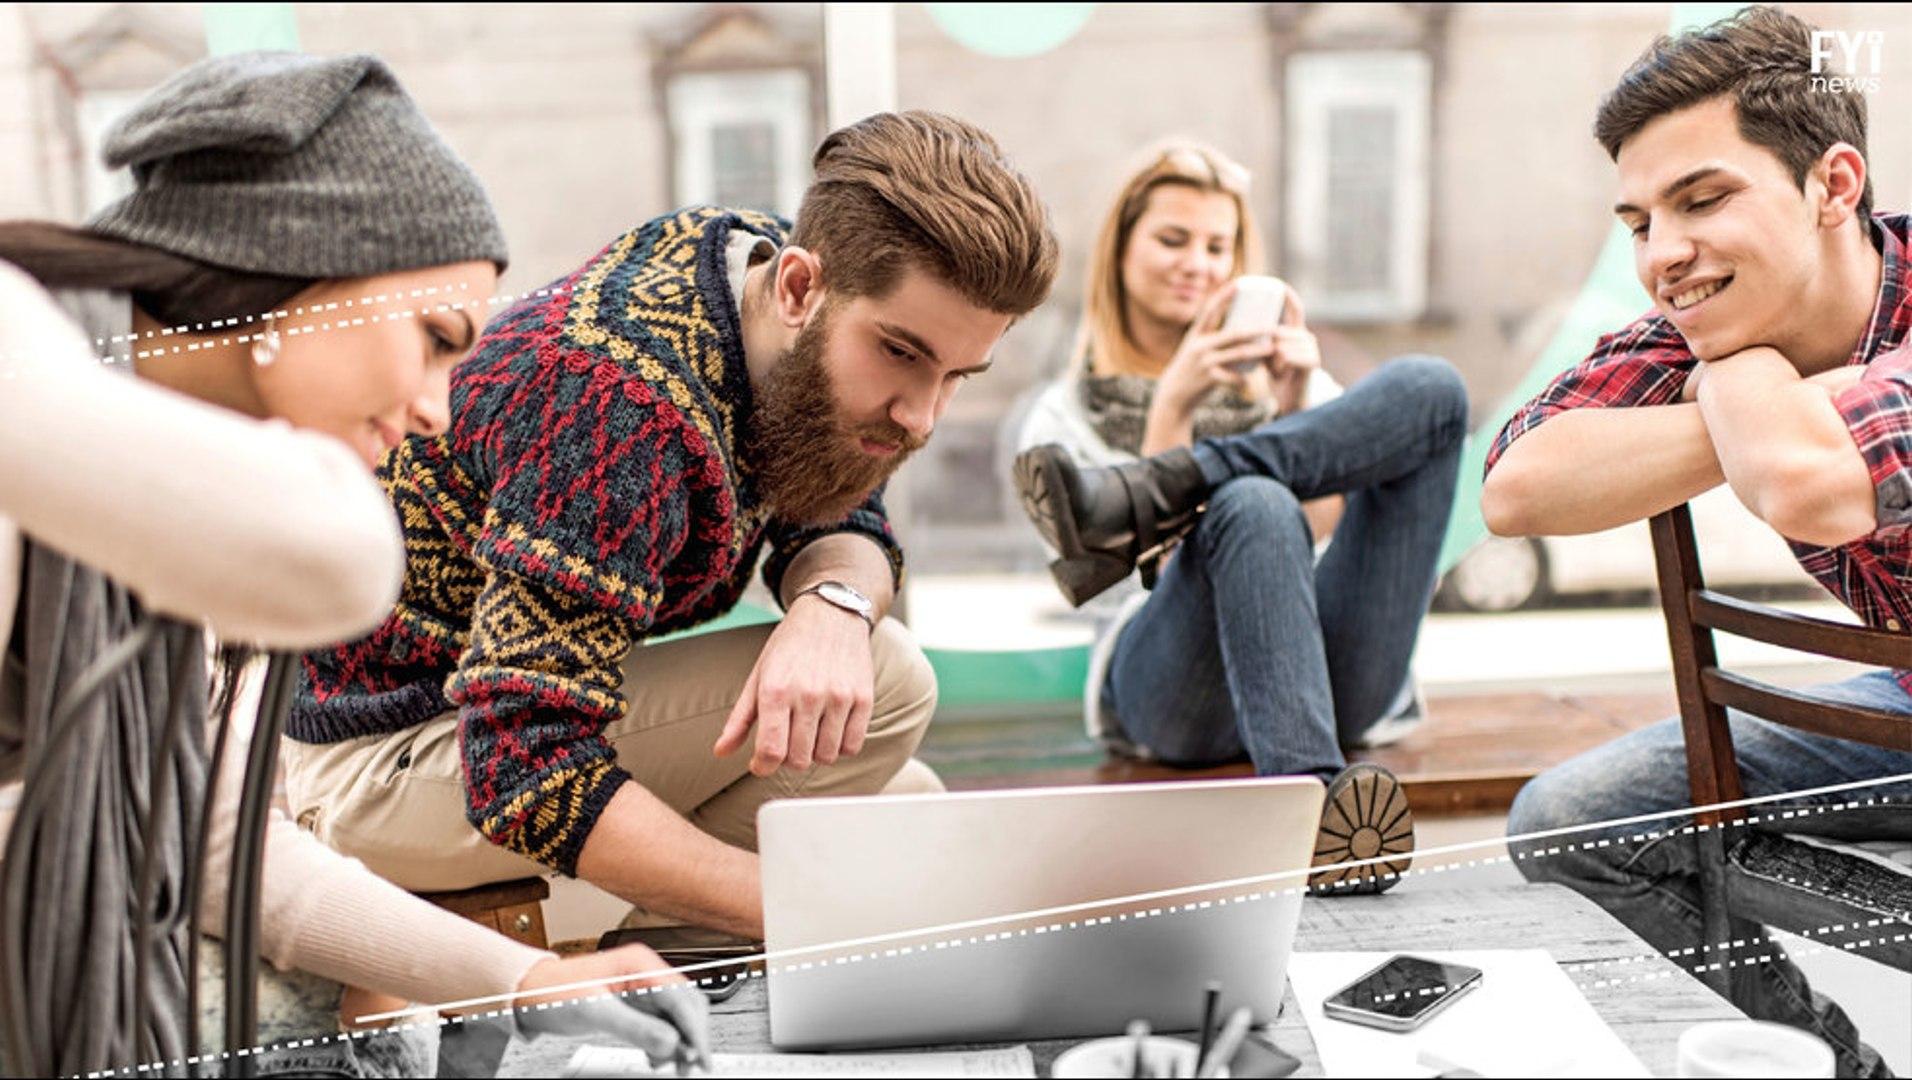 Nem millennials, nem geração Y: conheça os Xennials